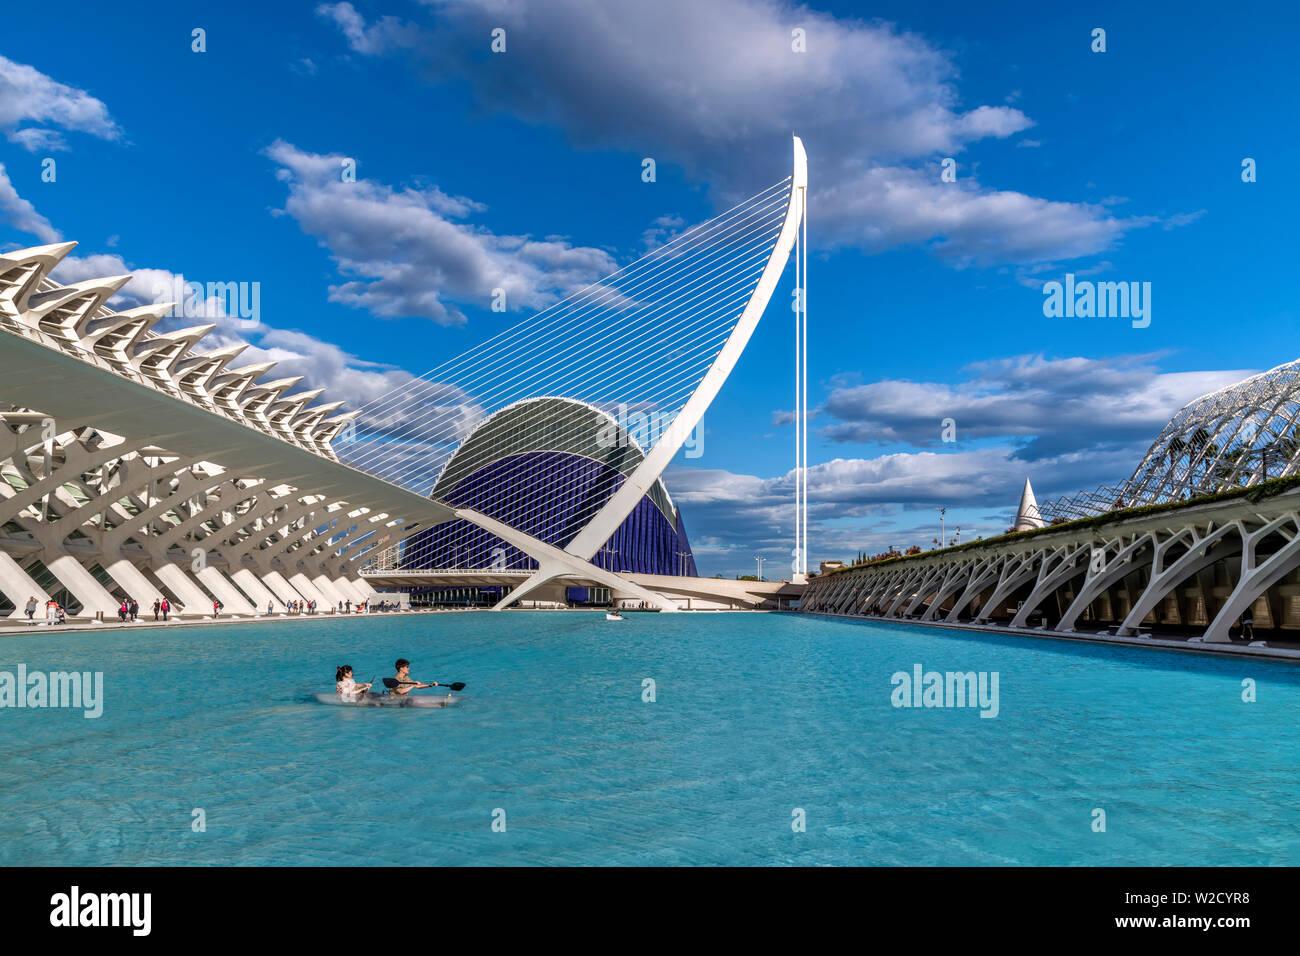 Pont de l'Assaut de l'Or puente suspendido, Ciudad de las Artes y las ciencias o la Ciudad de las Artes y las Ciencias, Valencia, Comunidad Valenciana, España Foto de stock